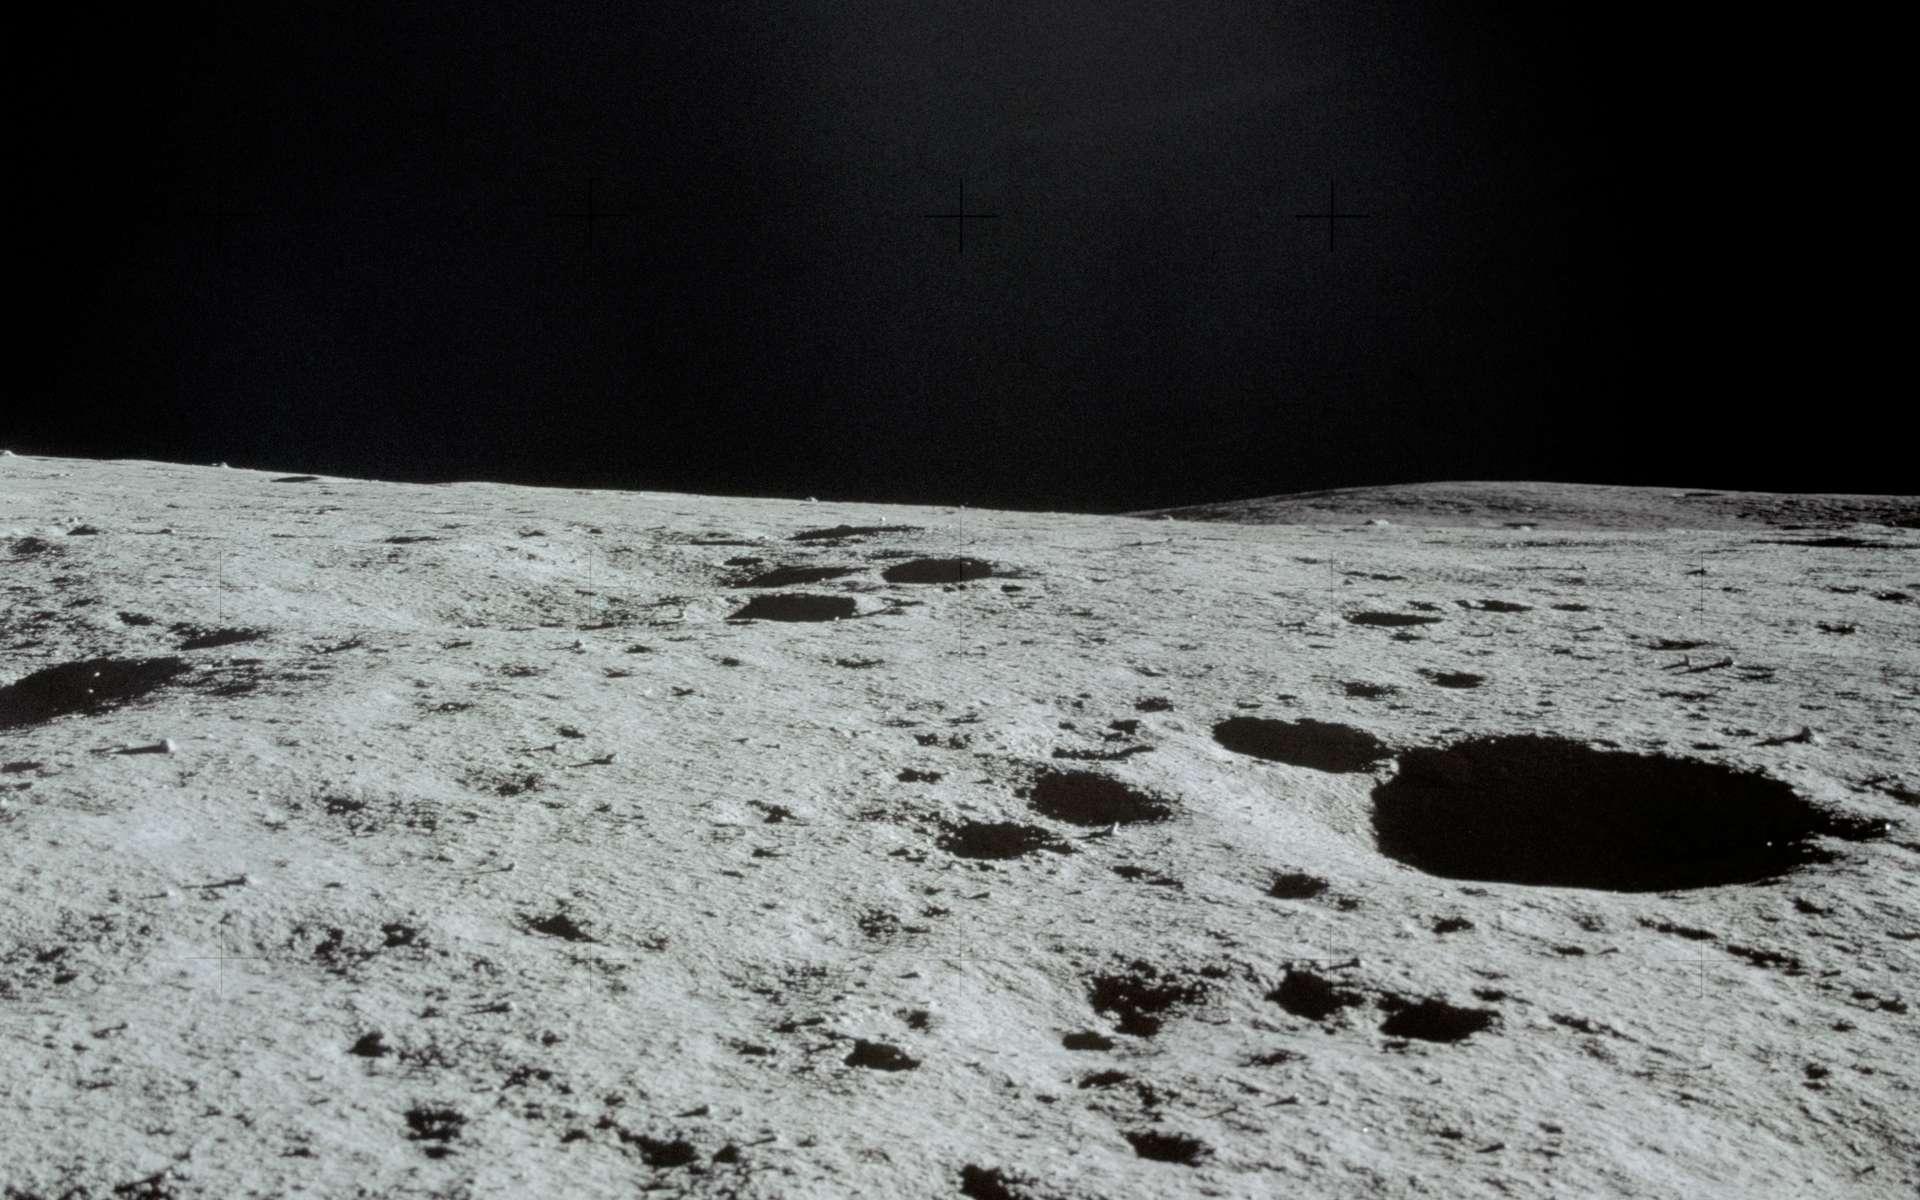 Surface de la Lune photographiée à travers le hublot du LM (Lunar Module) d'Apollo 14, les 5-6 février 1971. © Nasa